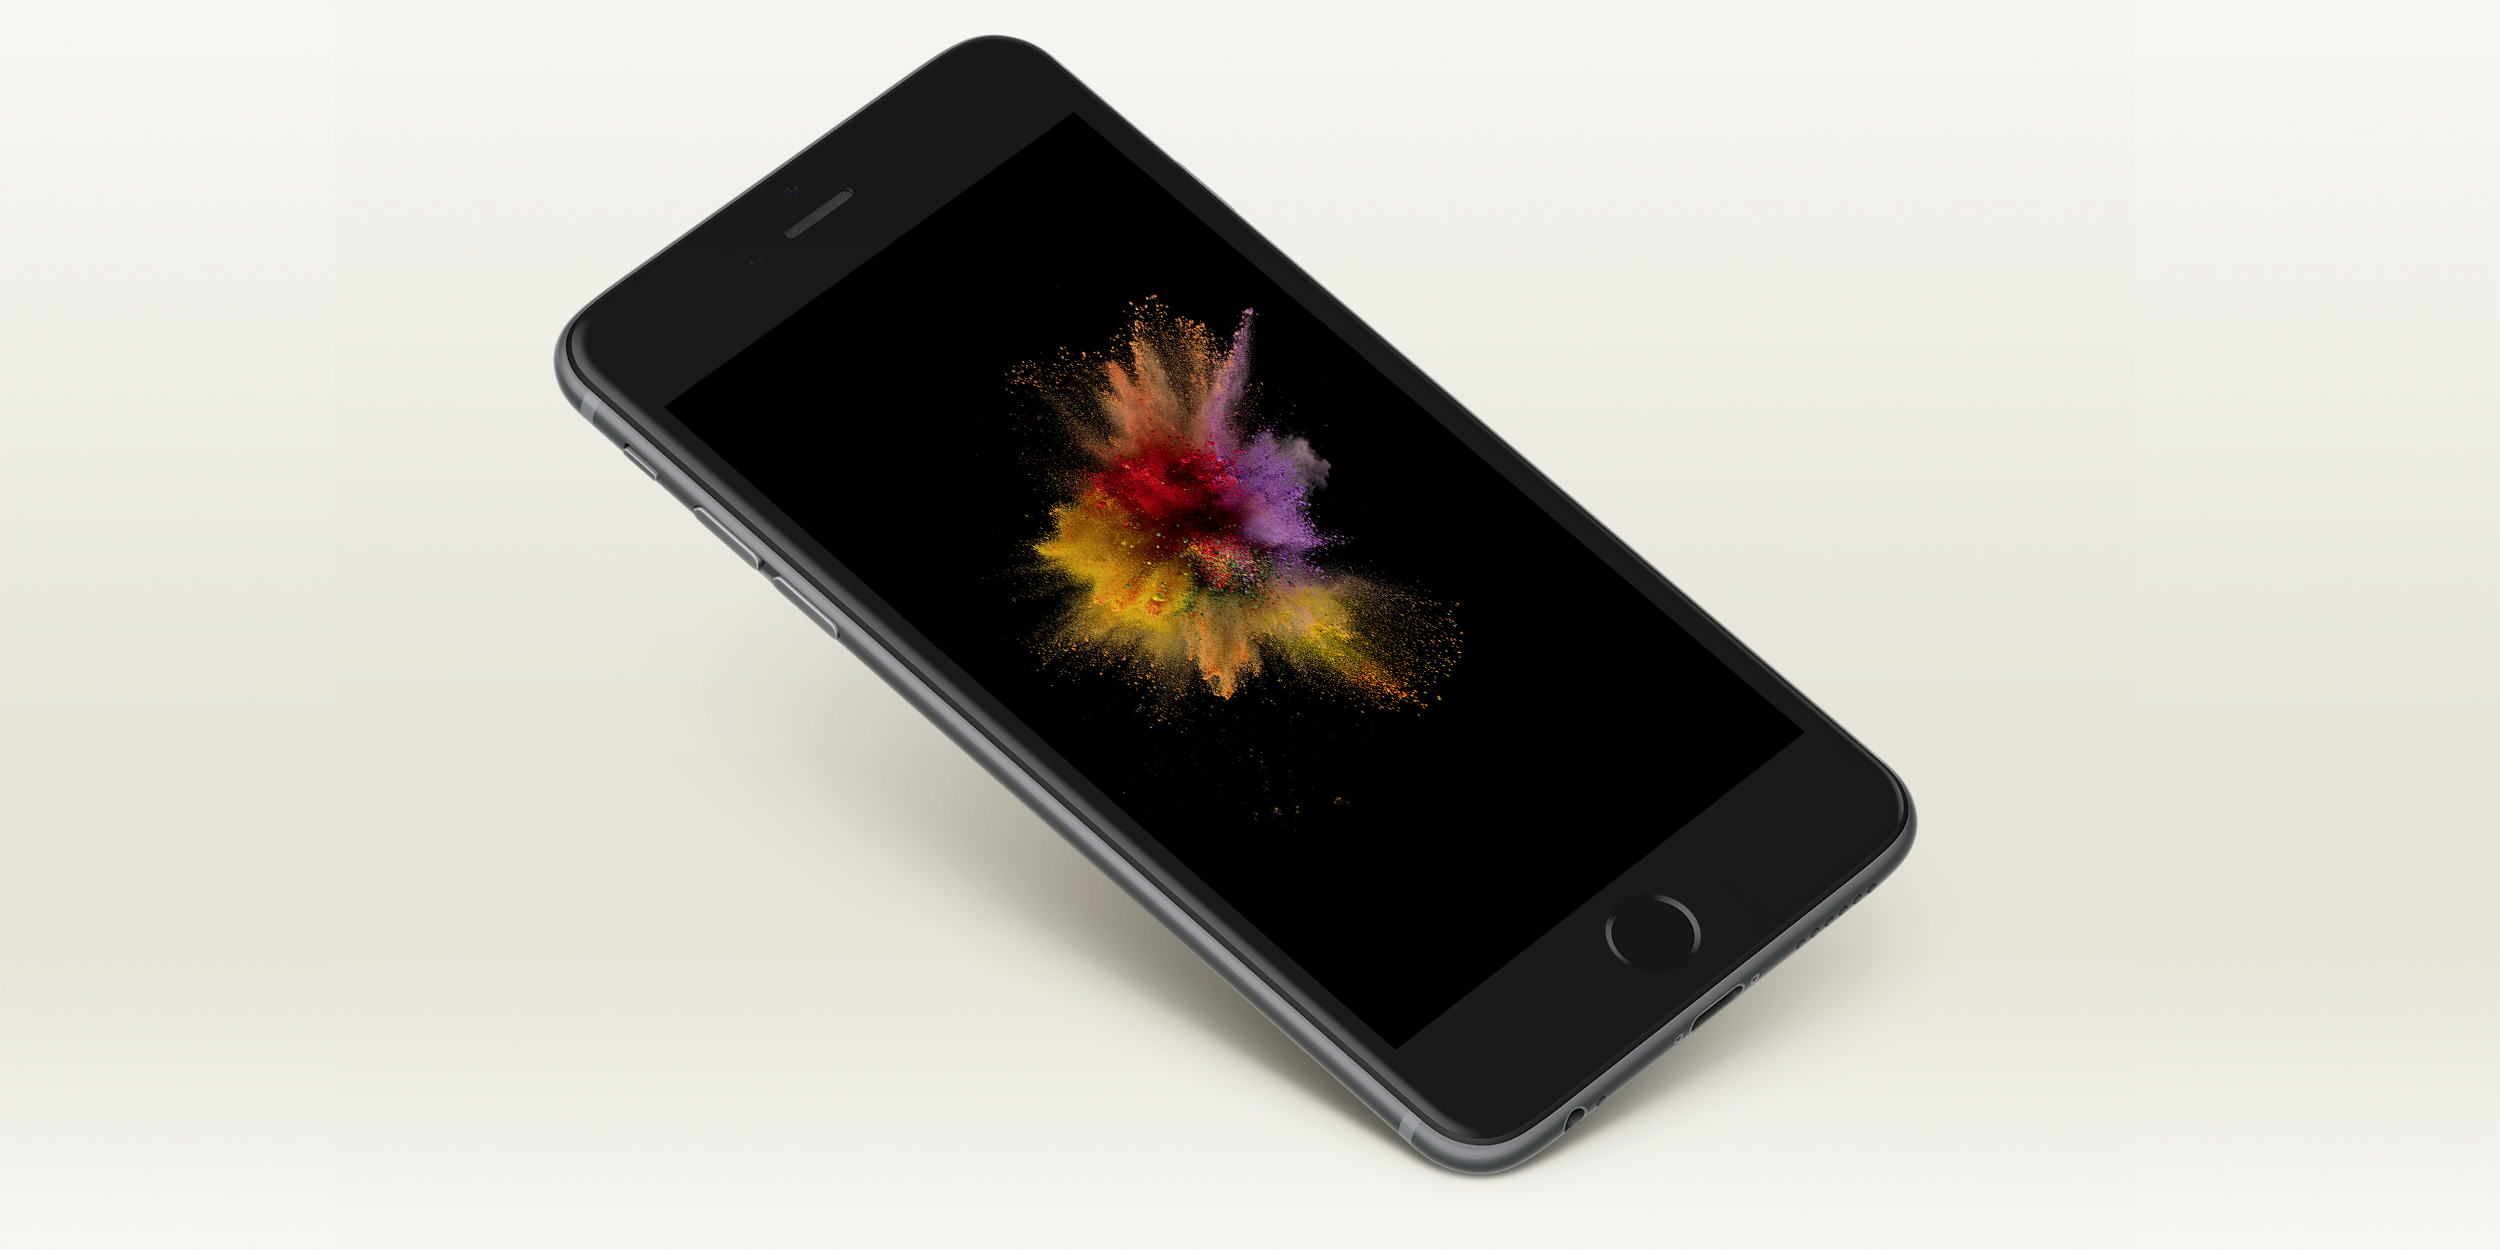 iPhone 6s может получить анимированные обои как в Apple Watch